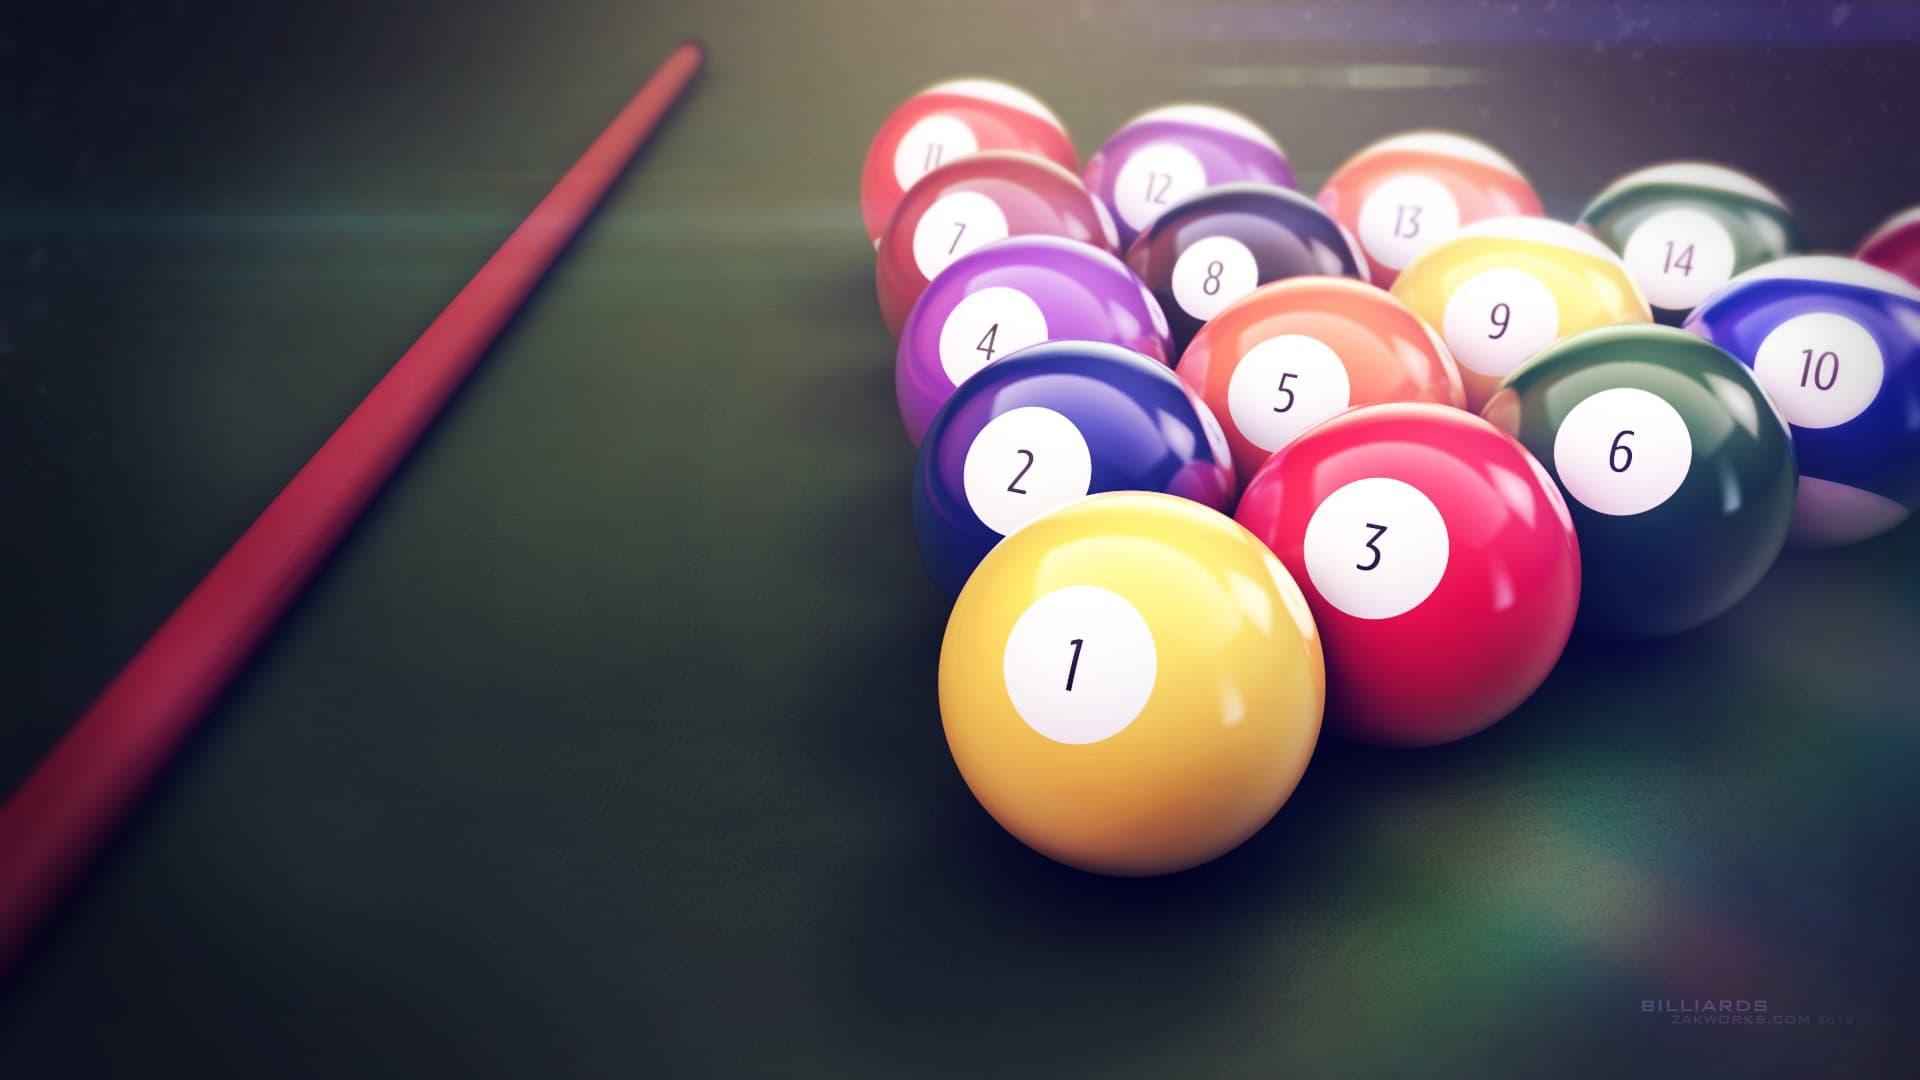 billiards-HD